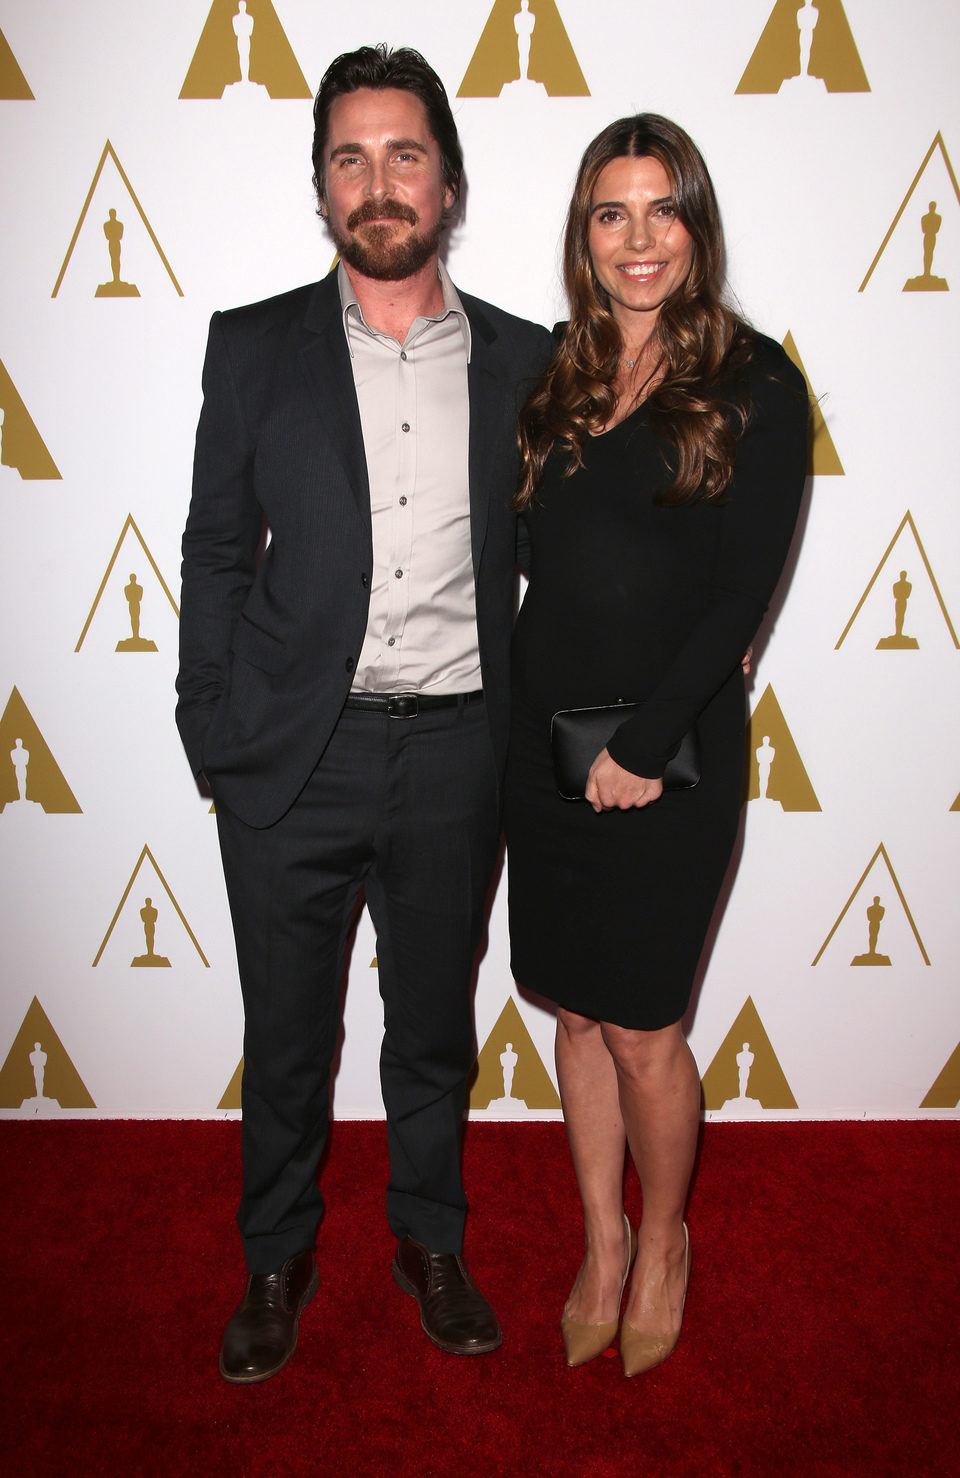 Christian Bale y Sibi Blazic en el almuerzo de los nominados a los Premios Oscar 2014